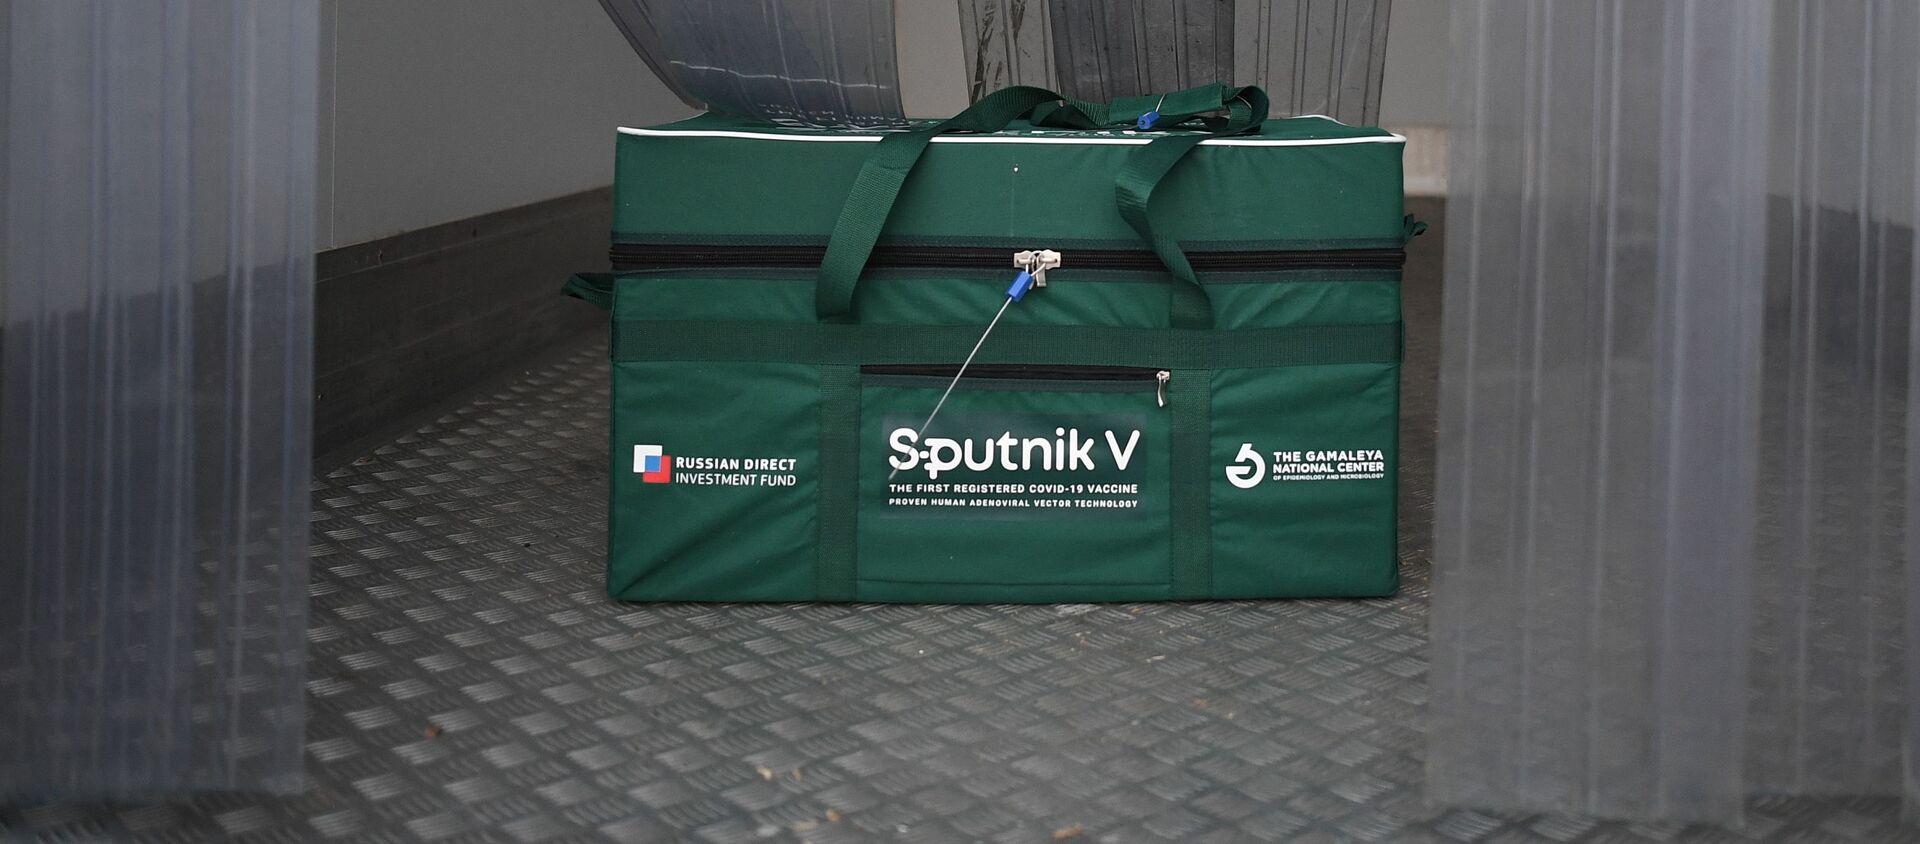 Odeslání vakcíny Sputnik V do zahraničí. Ilustrační foto - Sputnik Česká republika, 1920, 18.02.2021